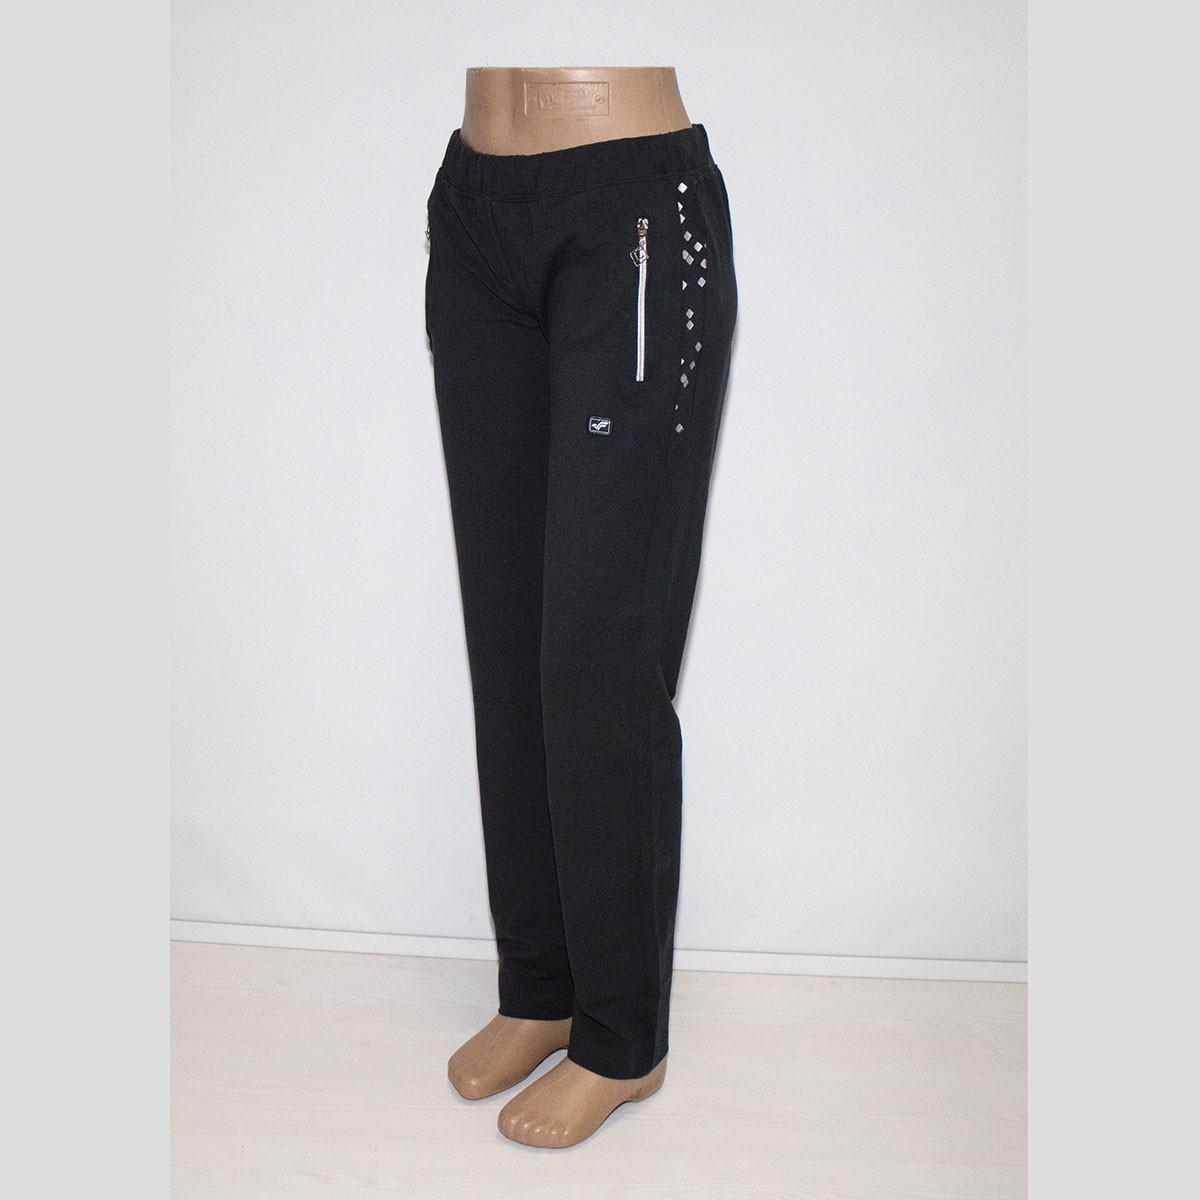 Женские трикотажные спортивные штаны Турция т.м. FORE 9612